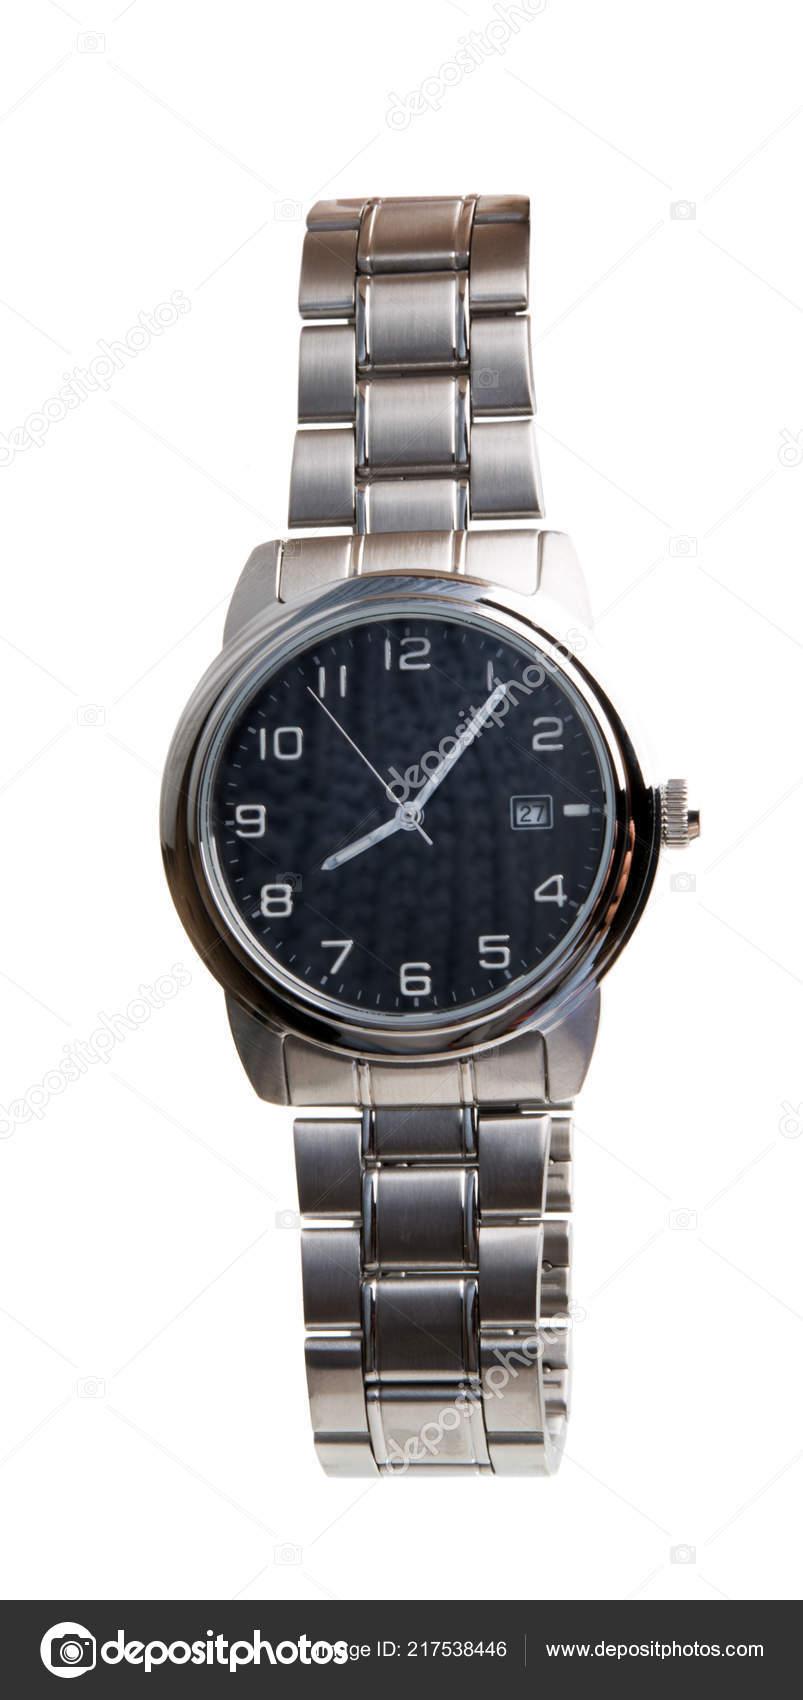 978c245425da Reloj Pulsera Los Hombres Aislado Sobre Fondo Blanco — Fotos de Stock